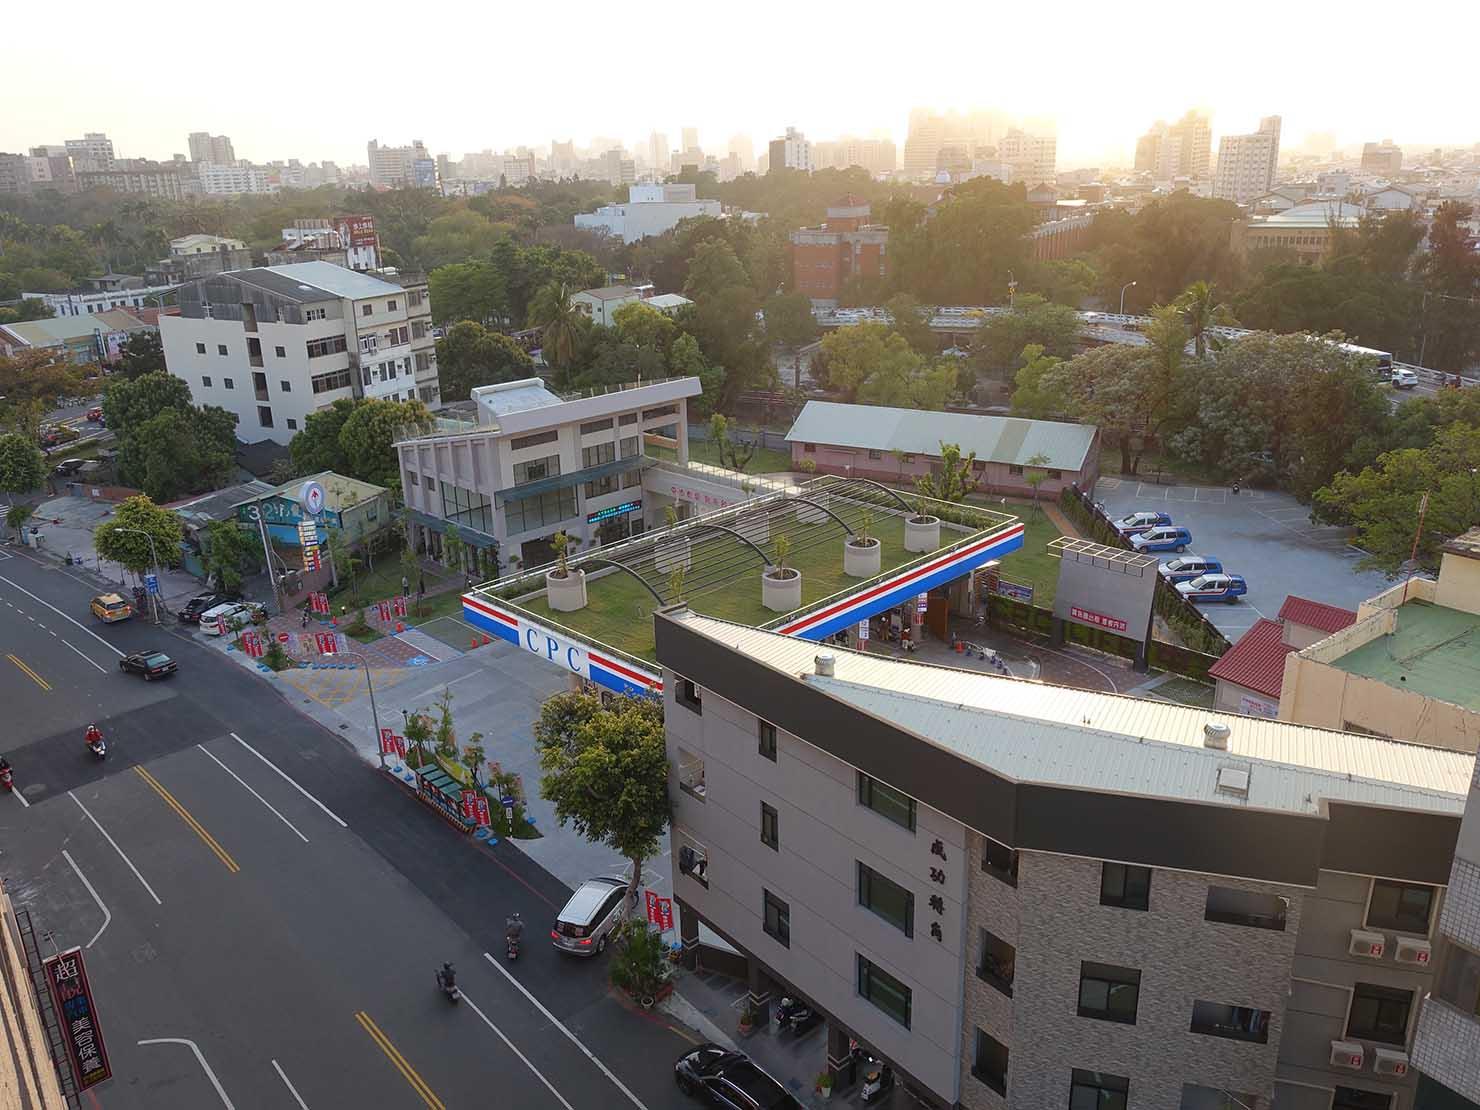 台南駅徒歩10分のかわいいデザインホテル「南方家屋 Old School」休閒雙人房(レジャーダブル)のベランダから眺める台南市街